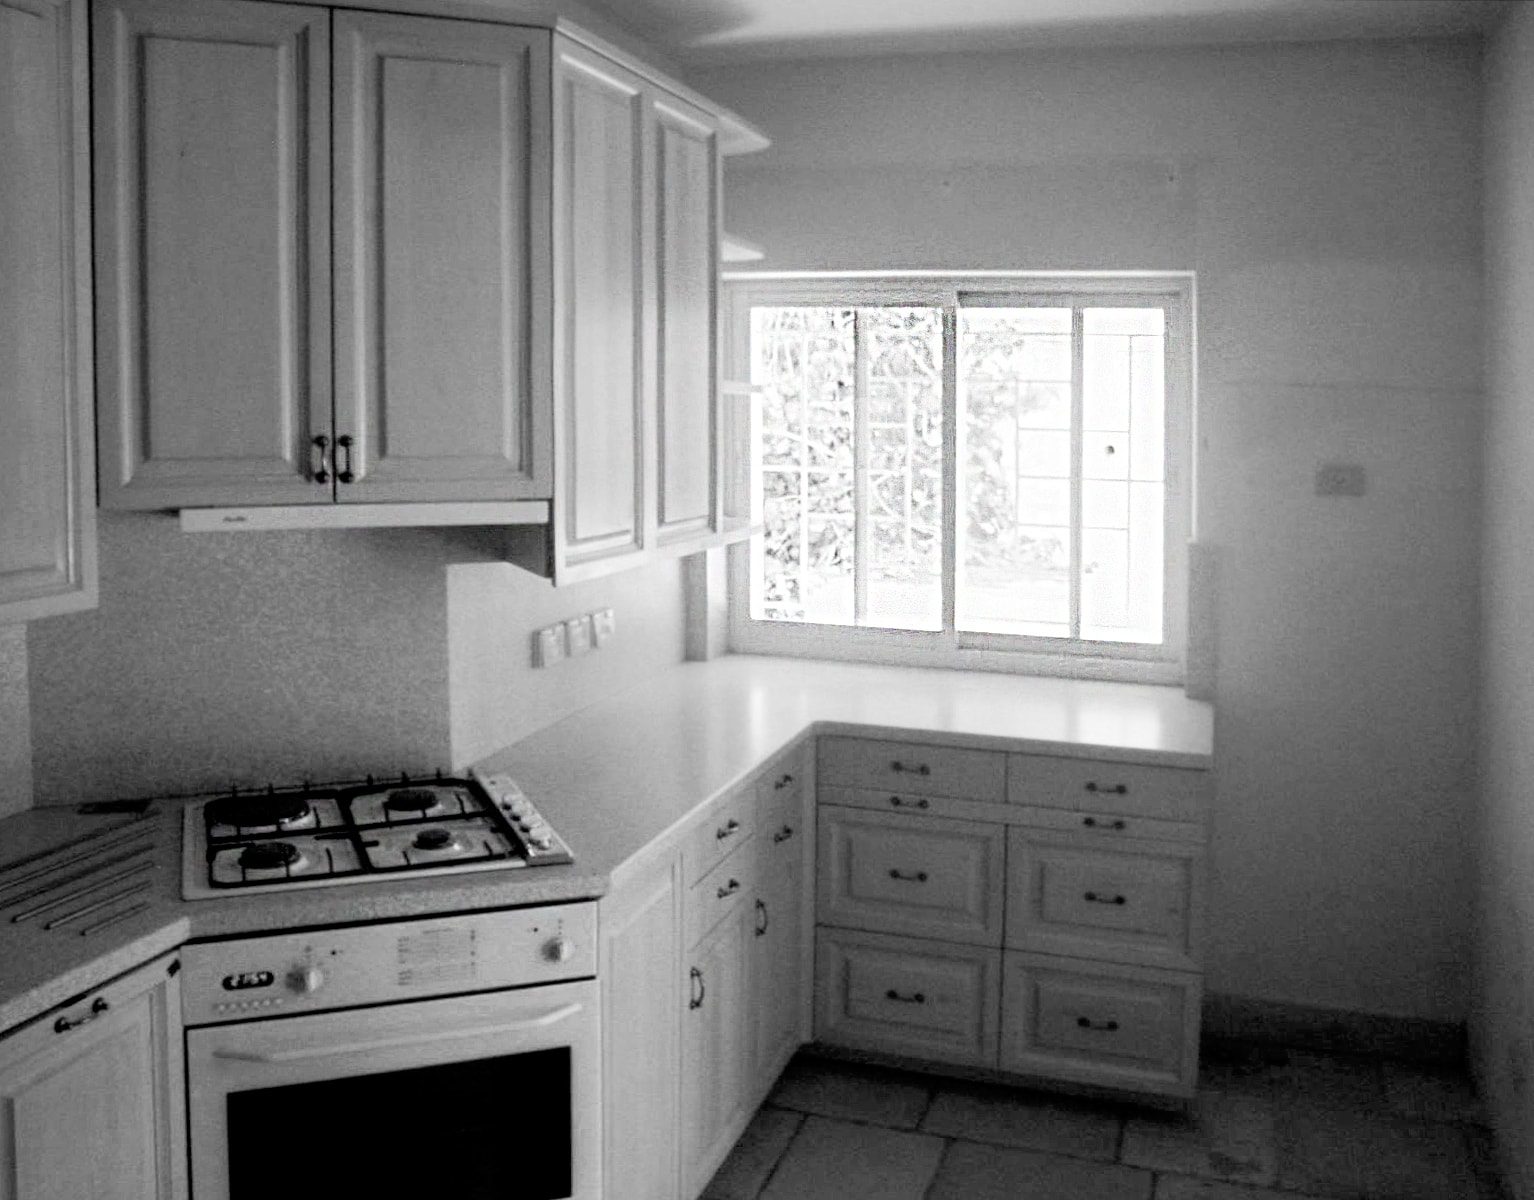 kitchen_before-min.jpg